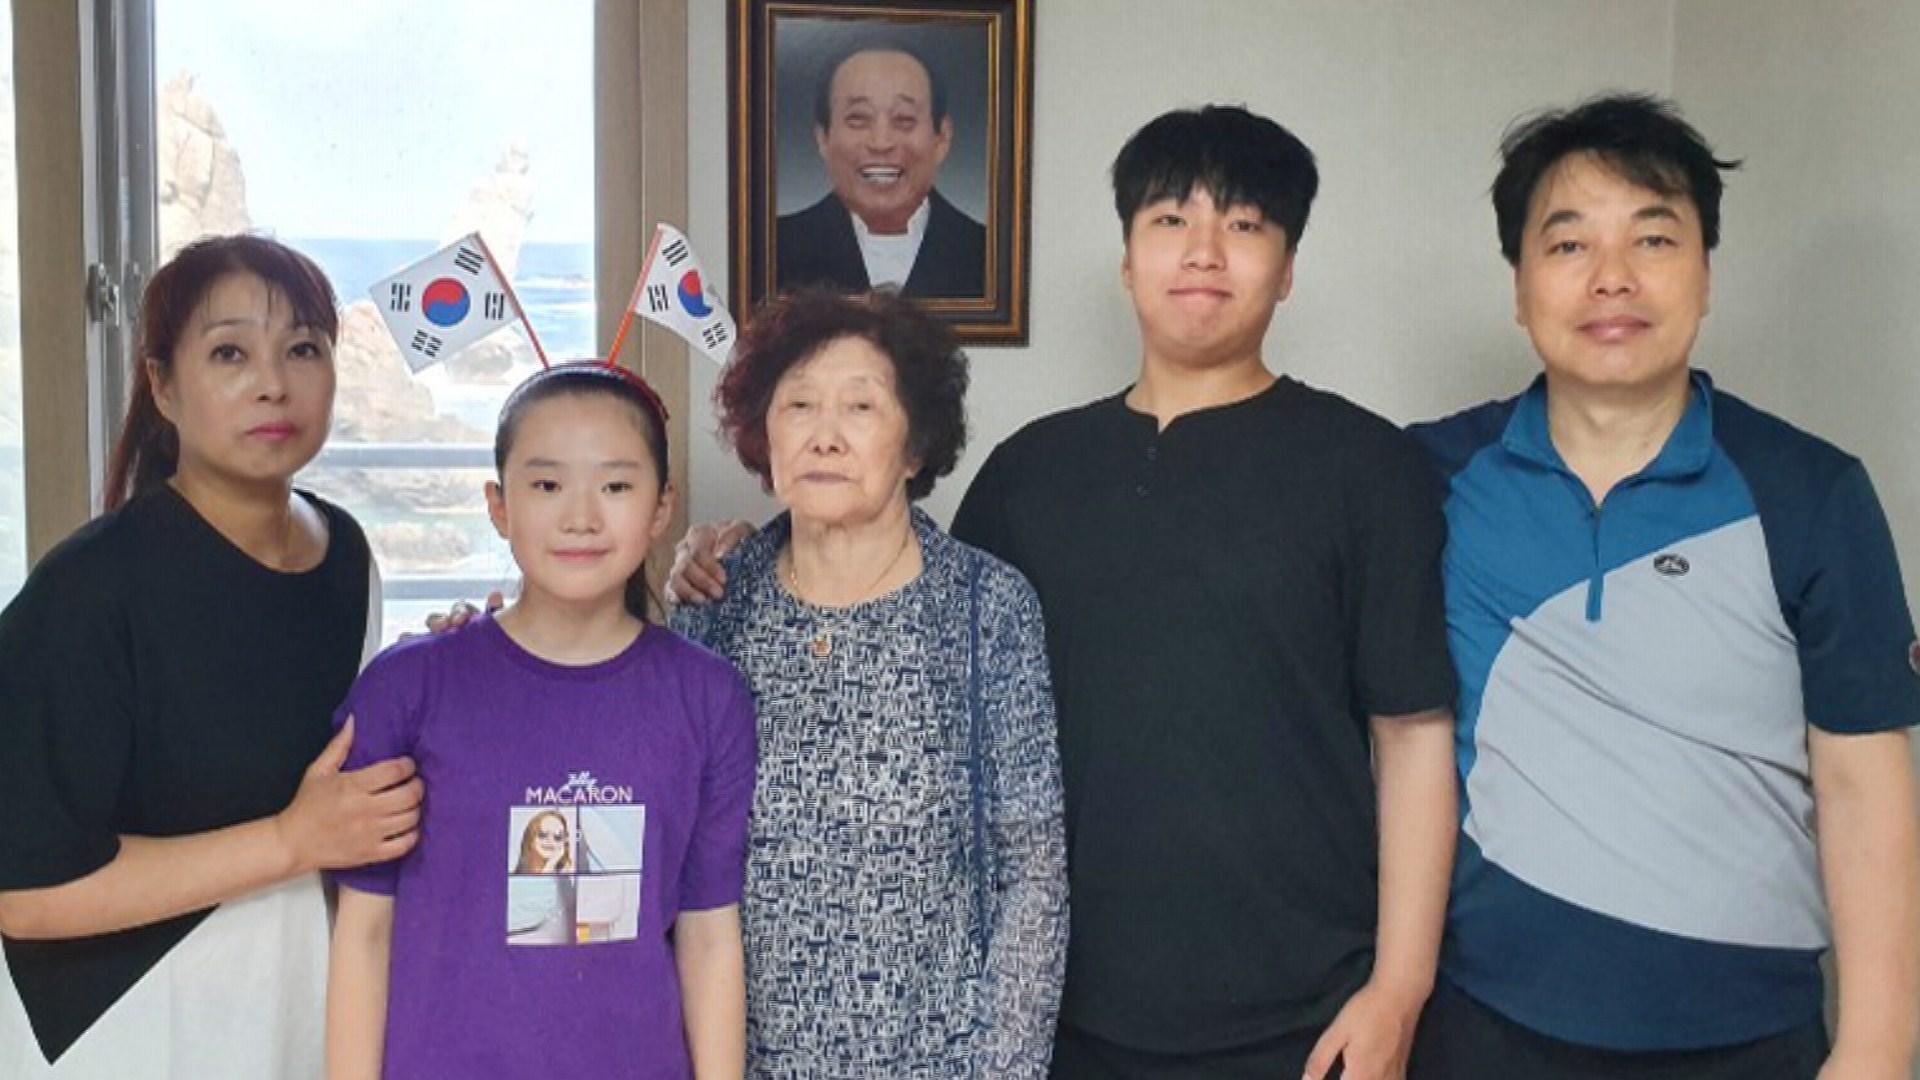 독도 유일 주민 김신열 씨 21개월 만에 돌아왔다